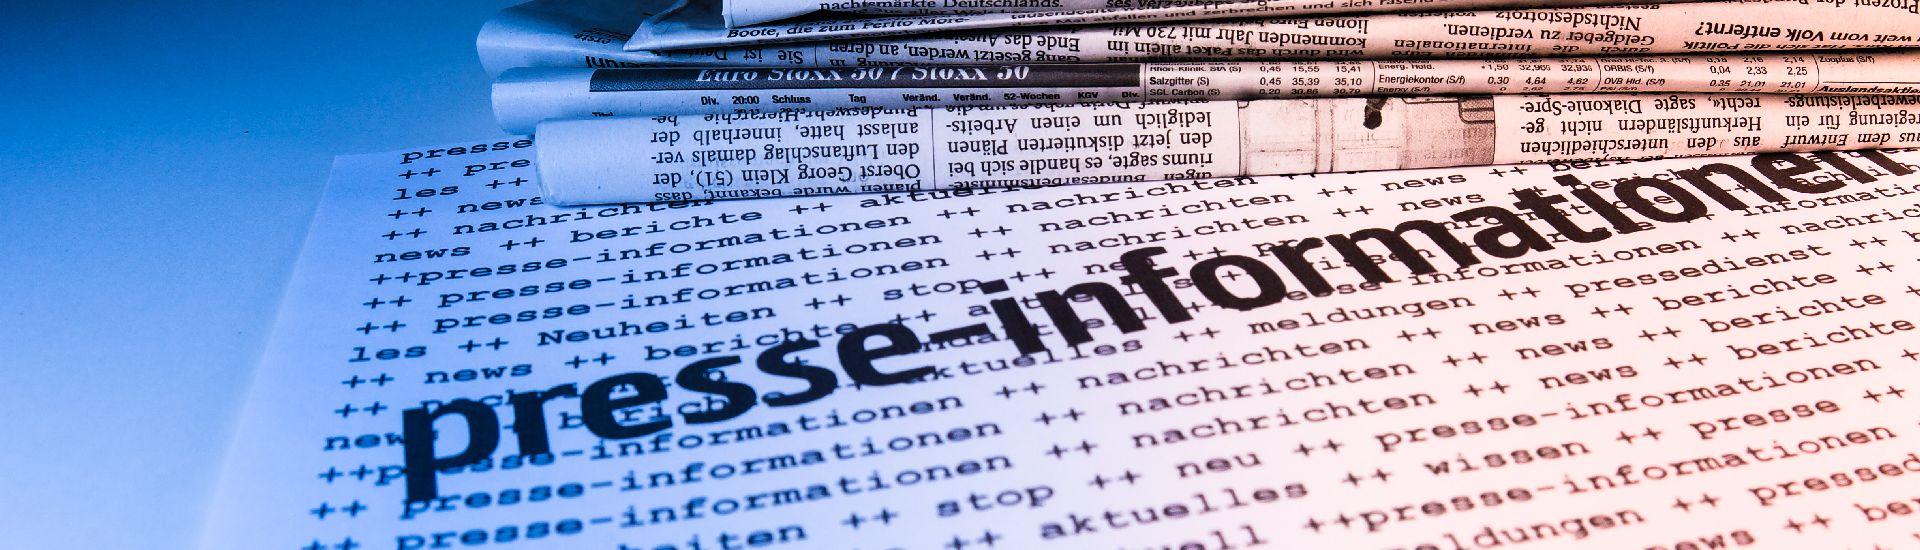 """Zeitungen und darüber der Text """"presse-informationen"""""""